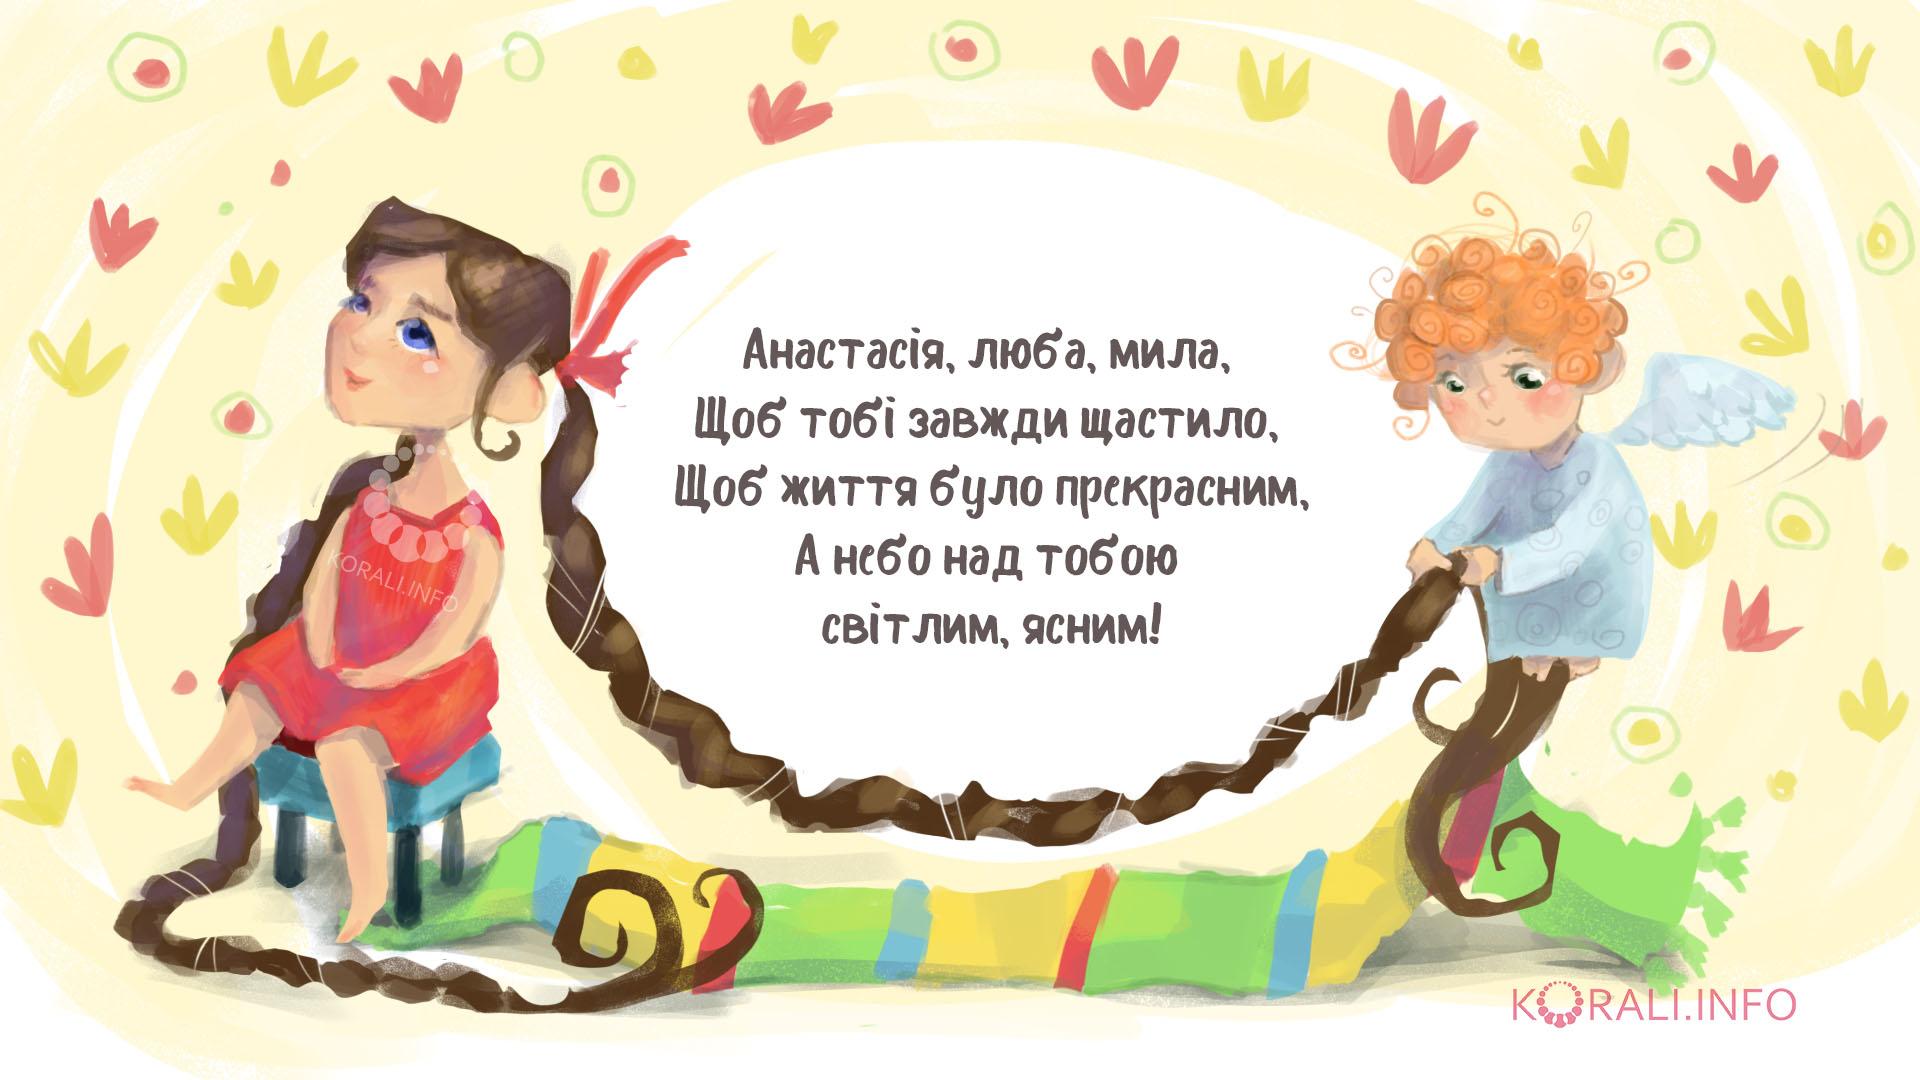 Найкращі привітання з Днем іменин Анастасії